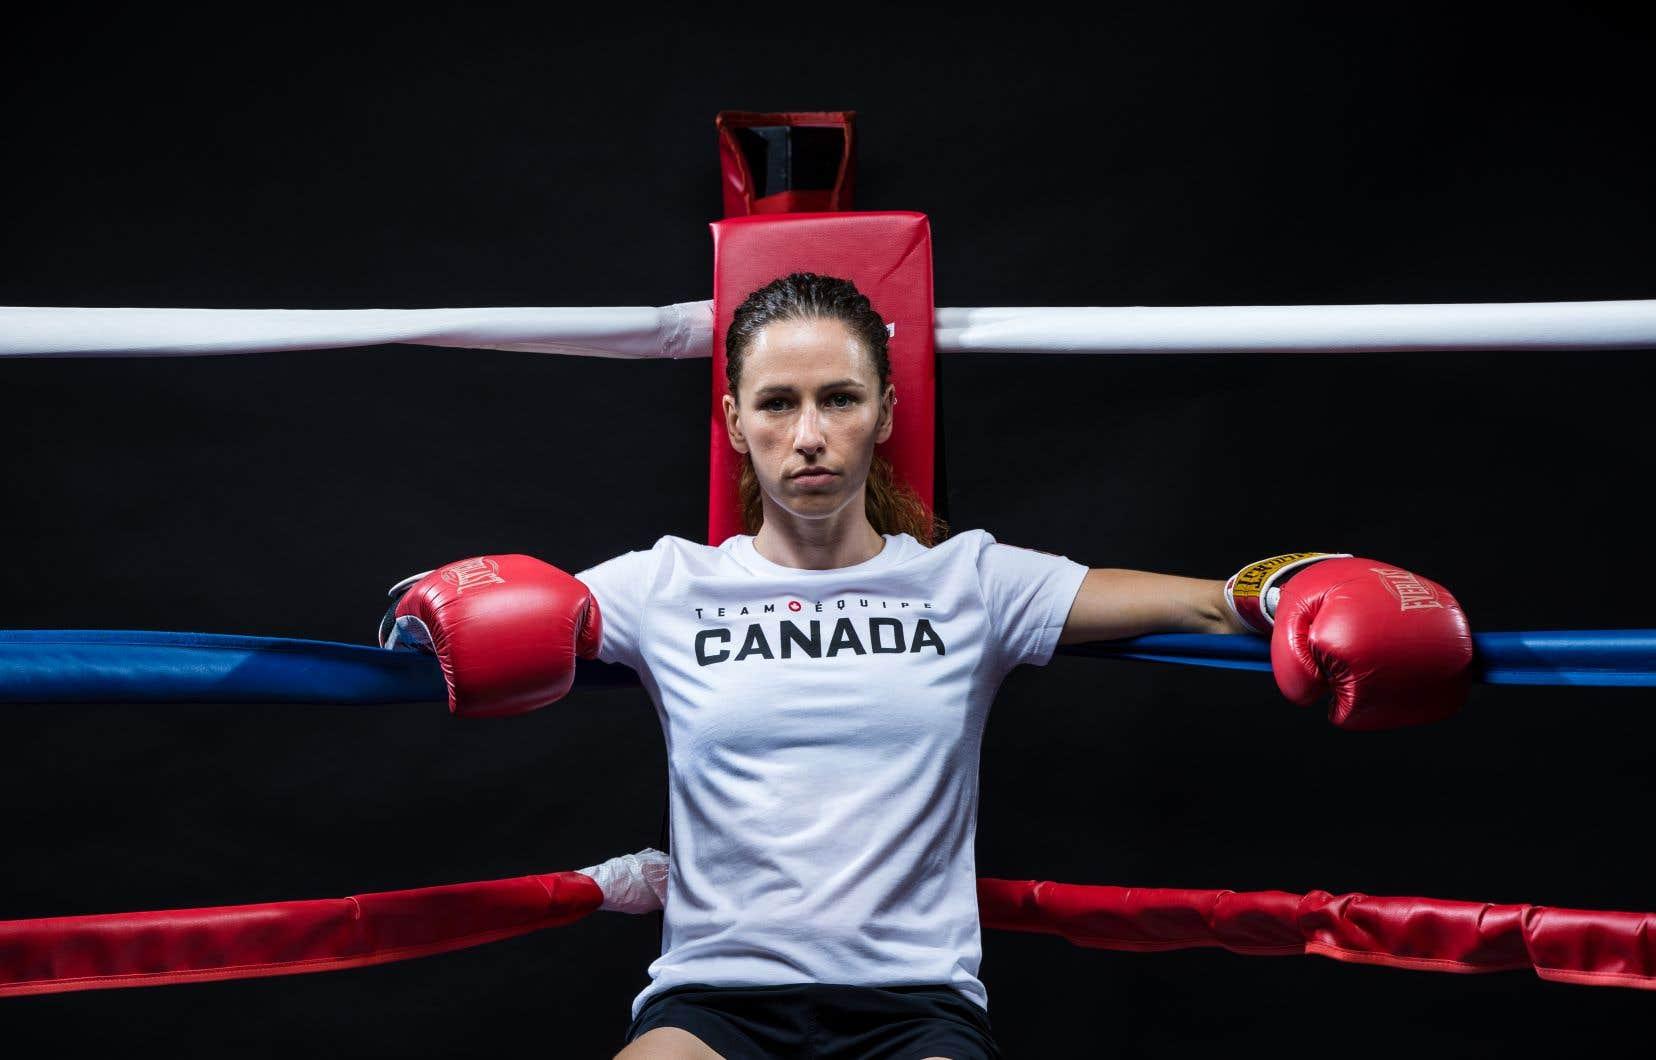 Pour pouvoir participer à ces JO, la boxeuse ontarienne Mandy Bujold a dû obtenir du Tribunal arbitral du sport qu'on tienne compte du fait que, si elle ne s'est pas qualifiée en même temps que les autres, c'est parce qu'elle était en congé de maternité.